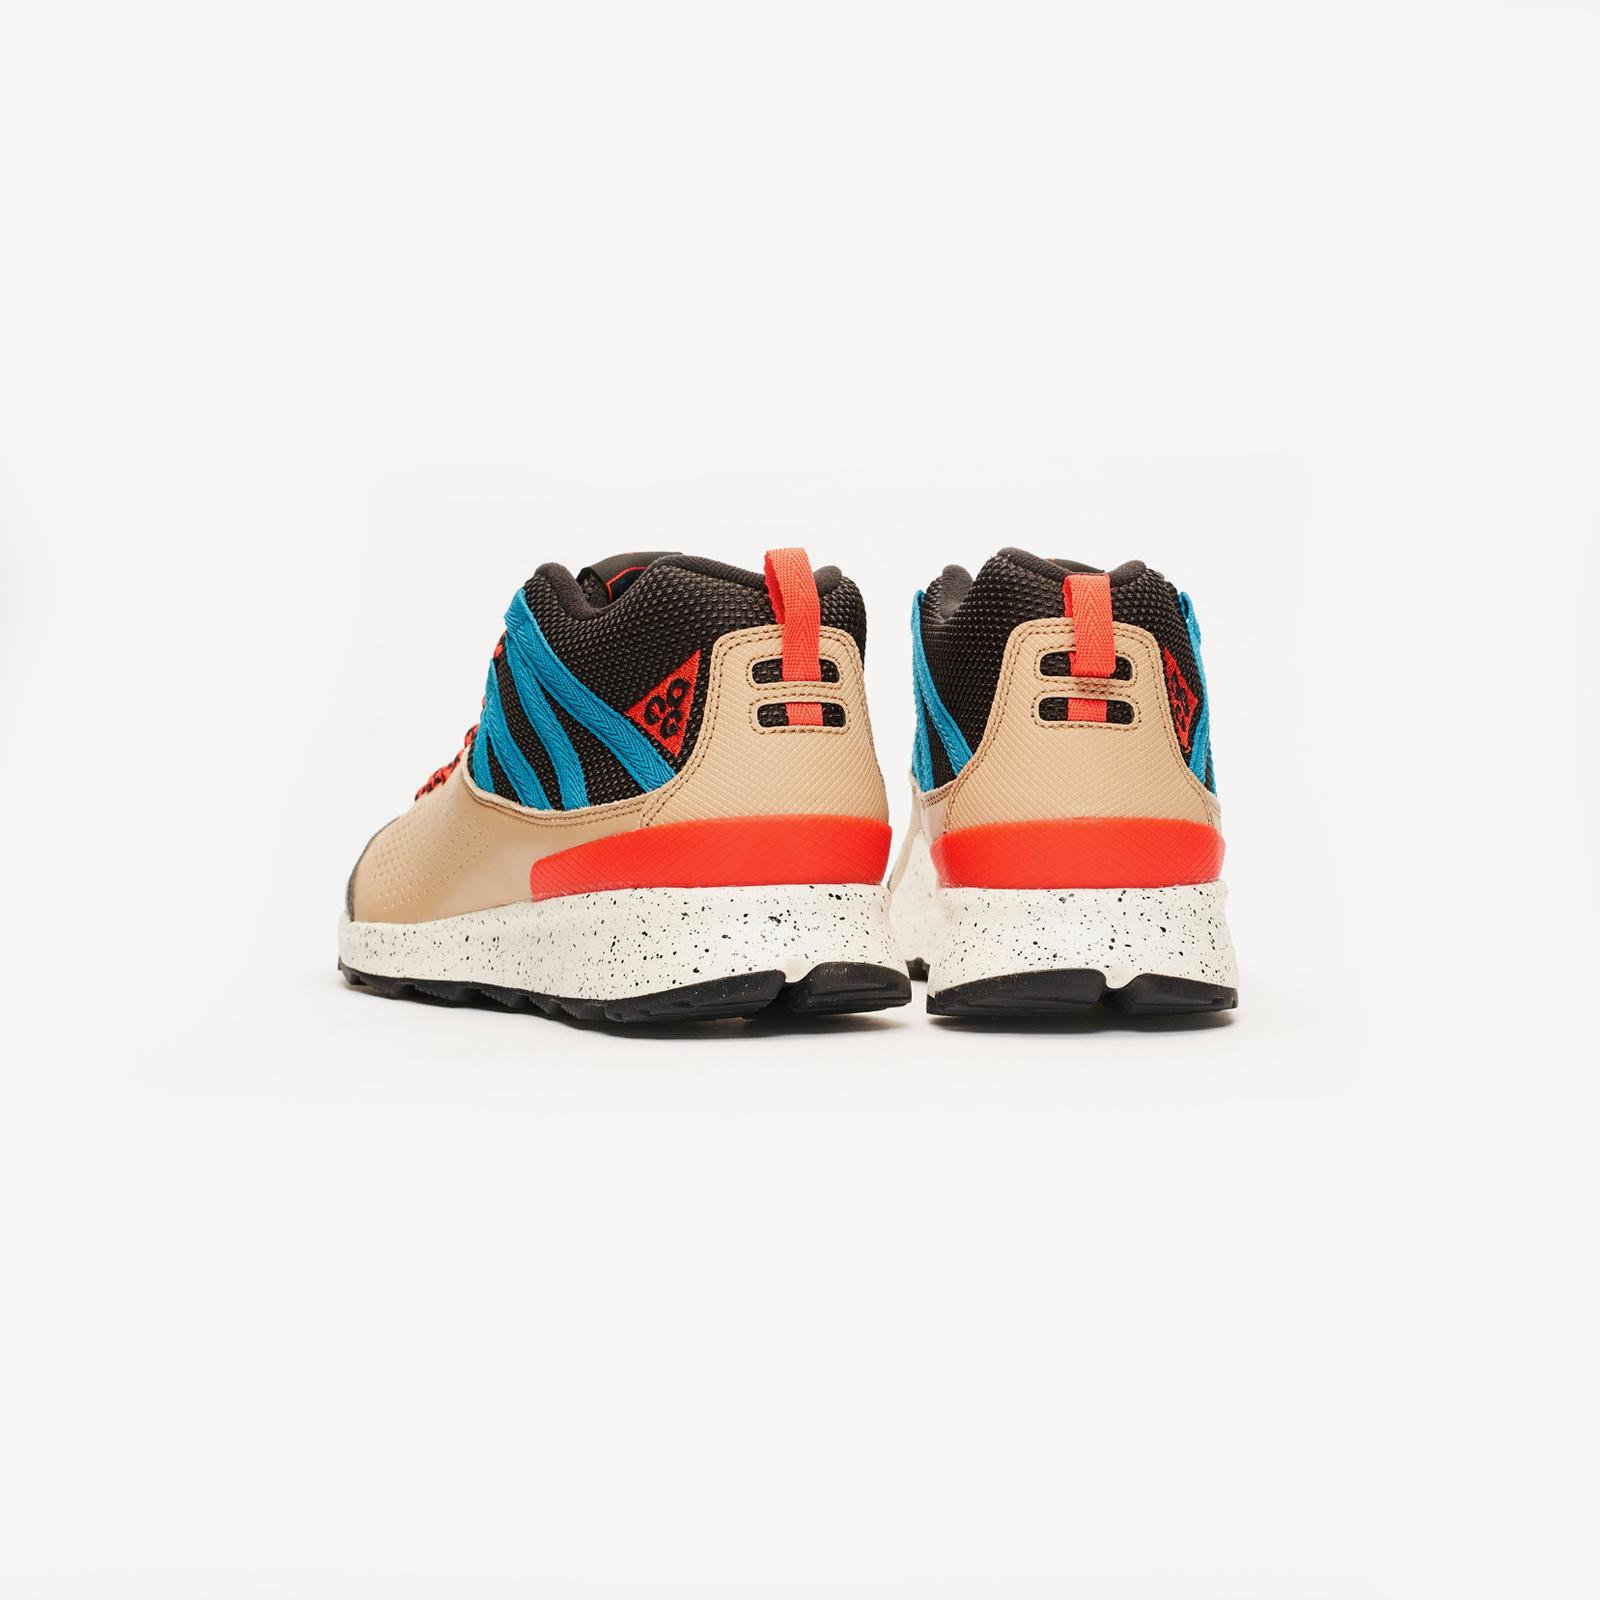 new style f74c1 4061c Nike Okwahn II - 525367-200 - Sneakersnstuff   sneakers   streetwear online  since 1999